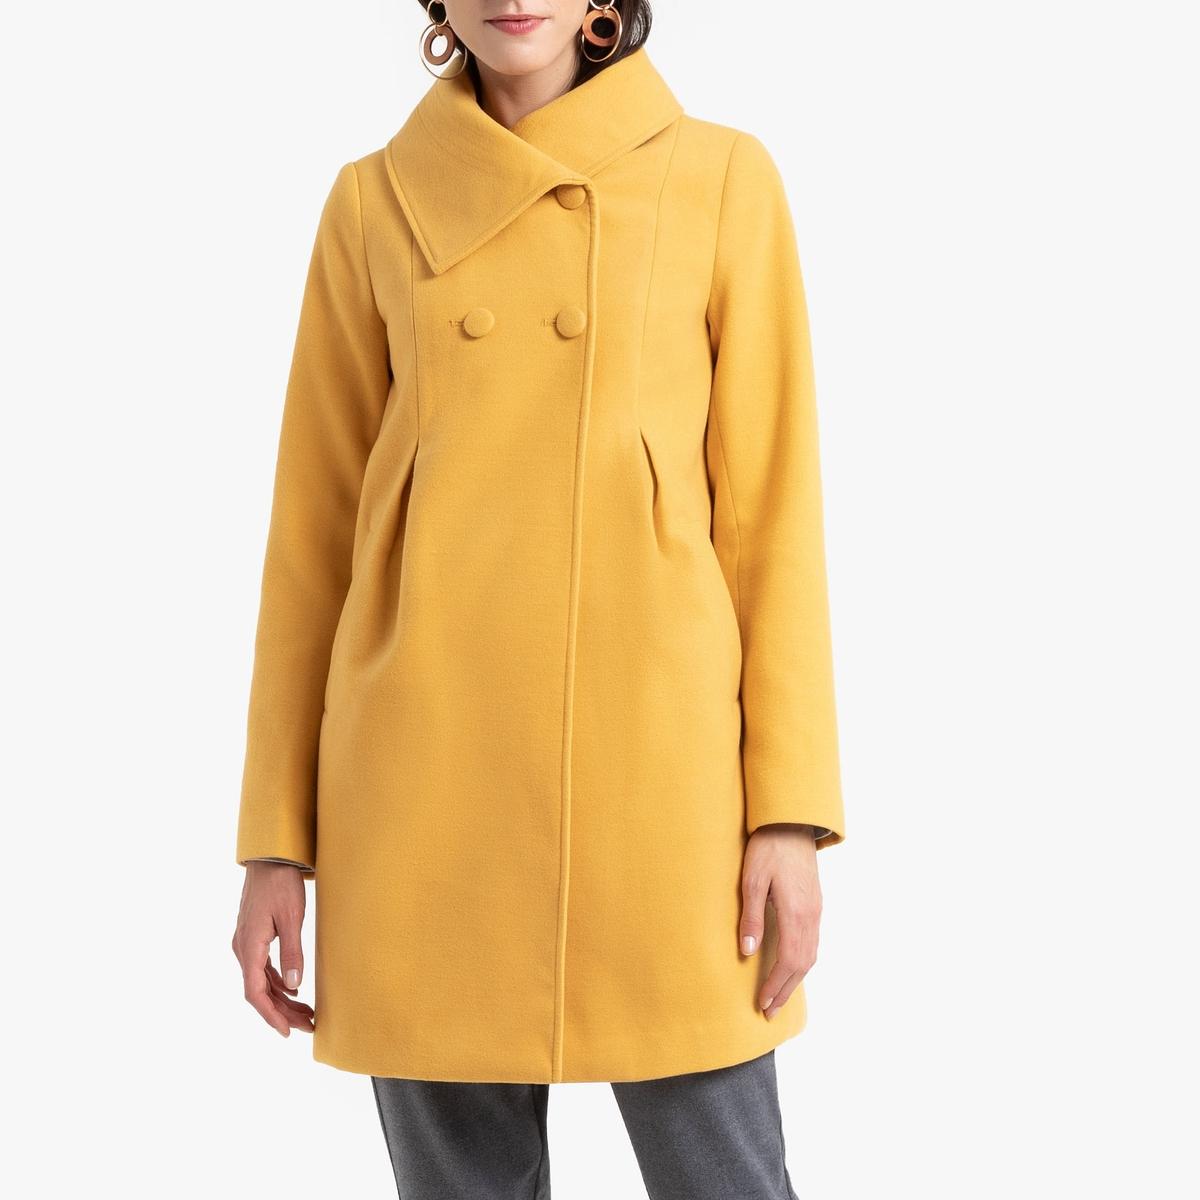 все цены на Пальто La Redoute Средней длины с застежкой на пуговицы 54 (FR) - 60 (RUS) желтый онлайн